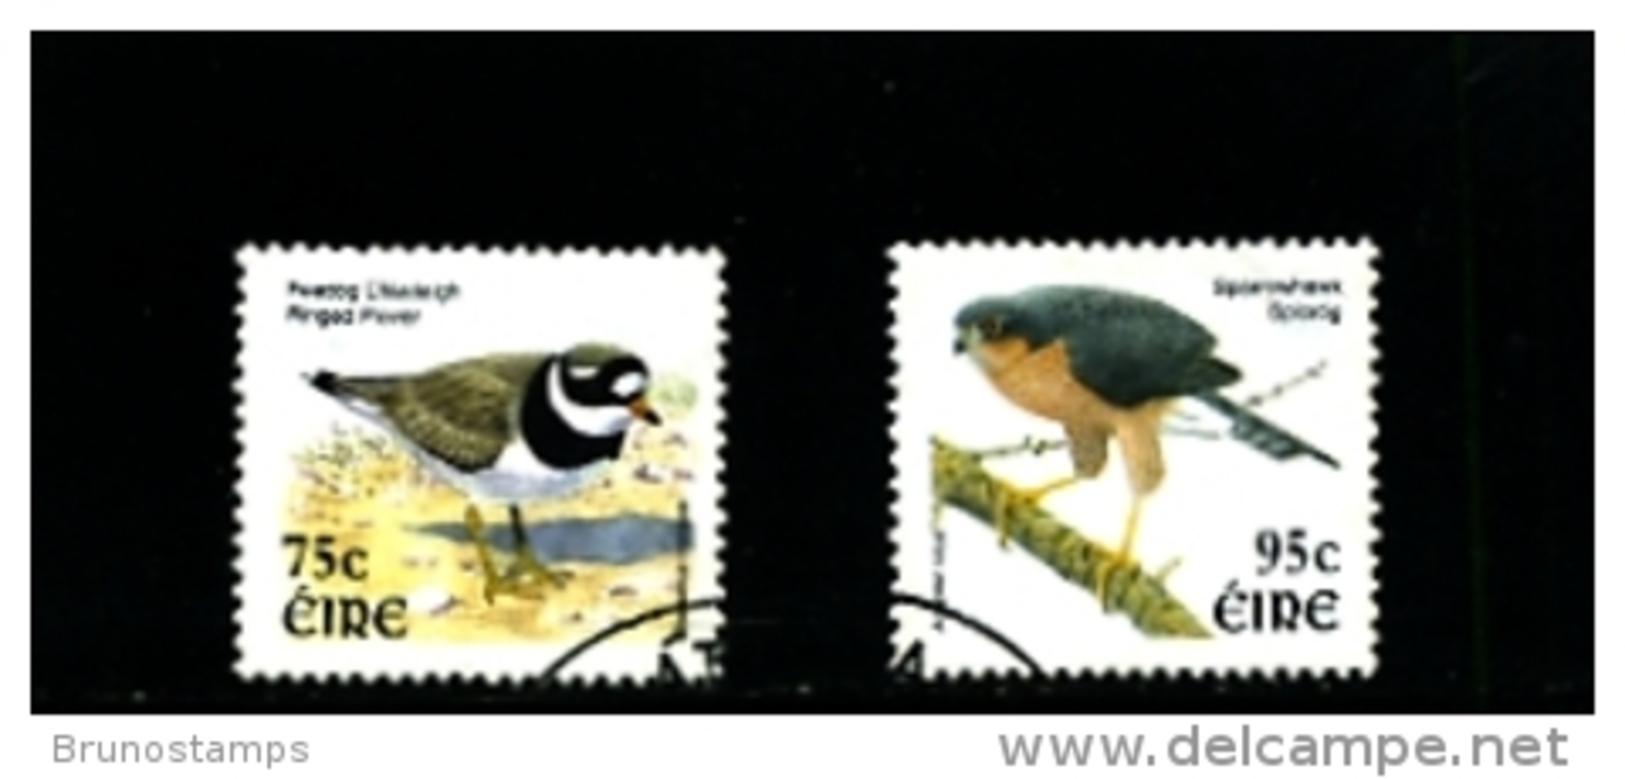 IRELAND/EIRE - 2003  BIRDS (75c + 95c)  SET  FINE USED - 1949-... Repubblica D'Irlanda